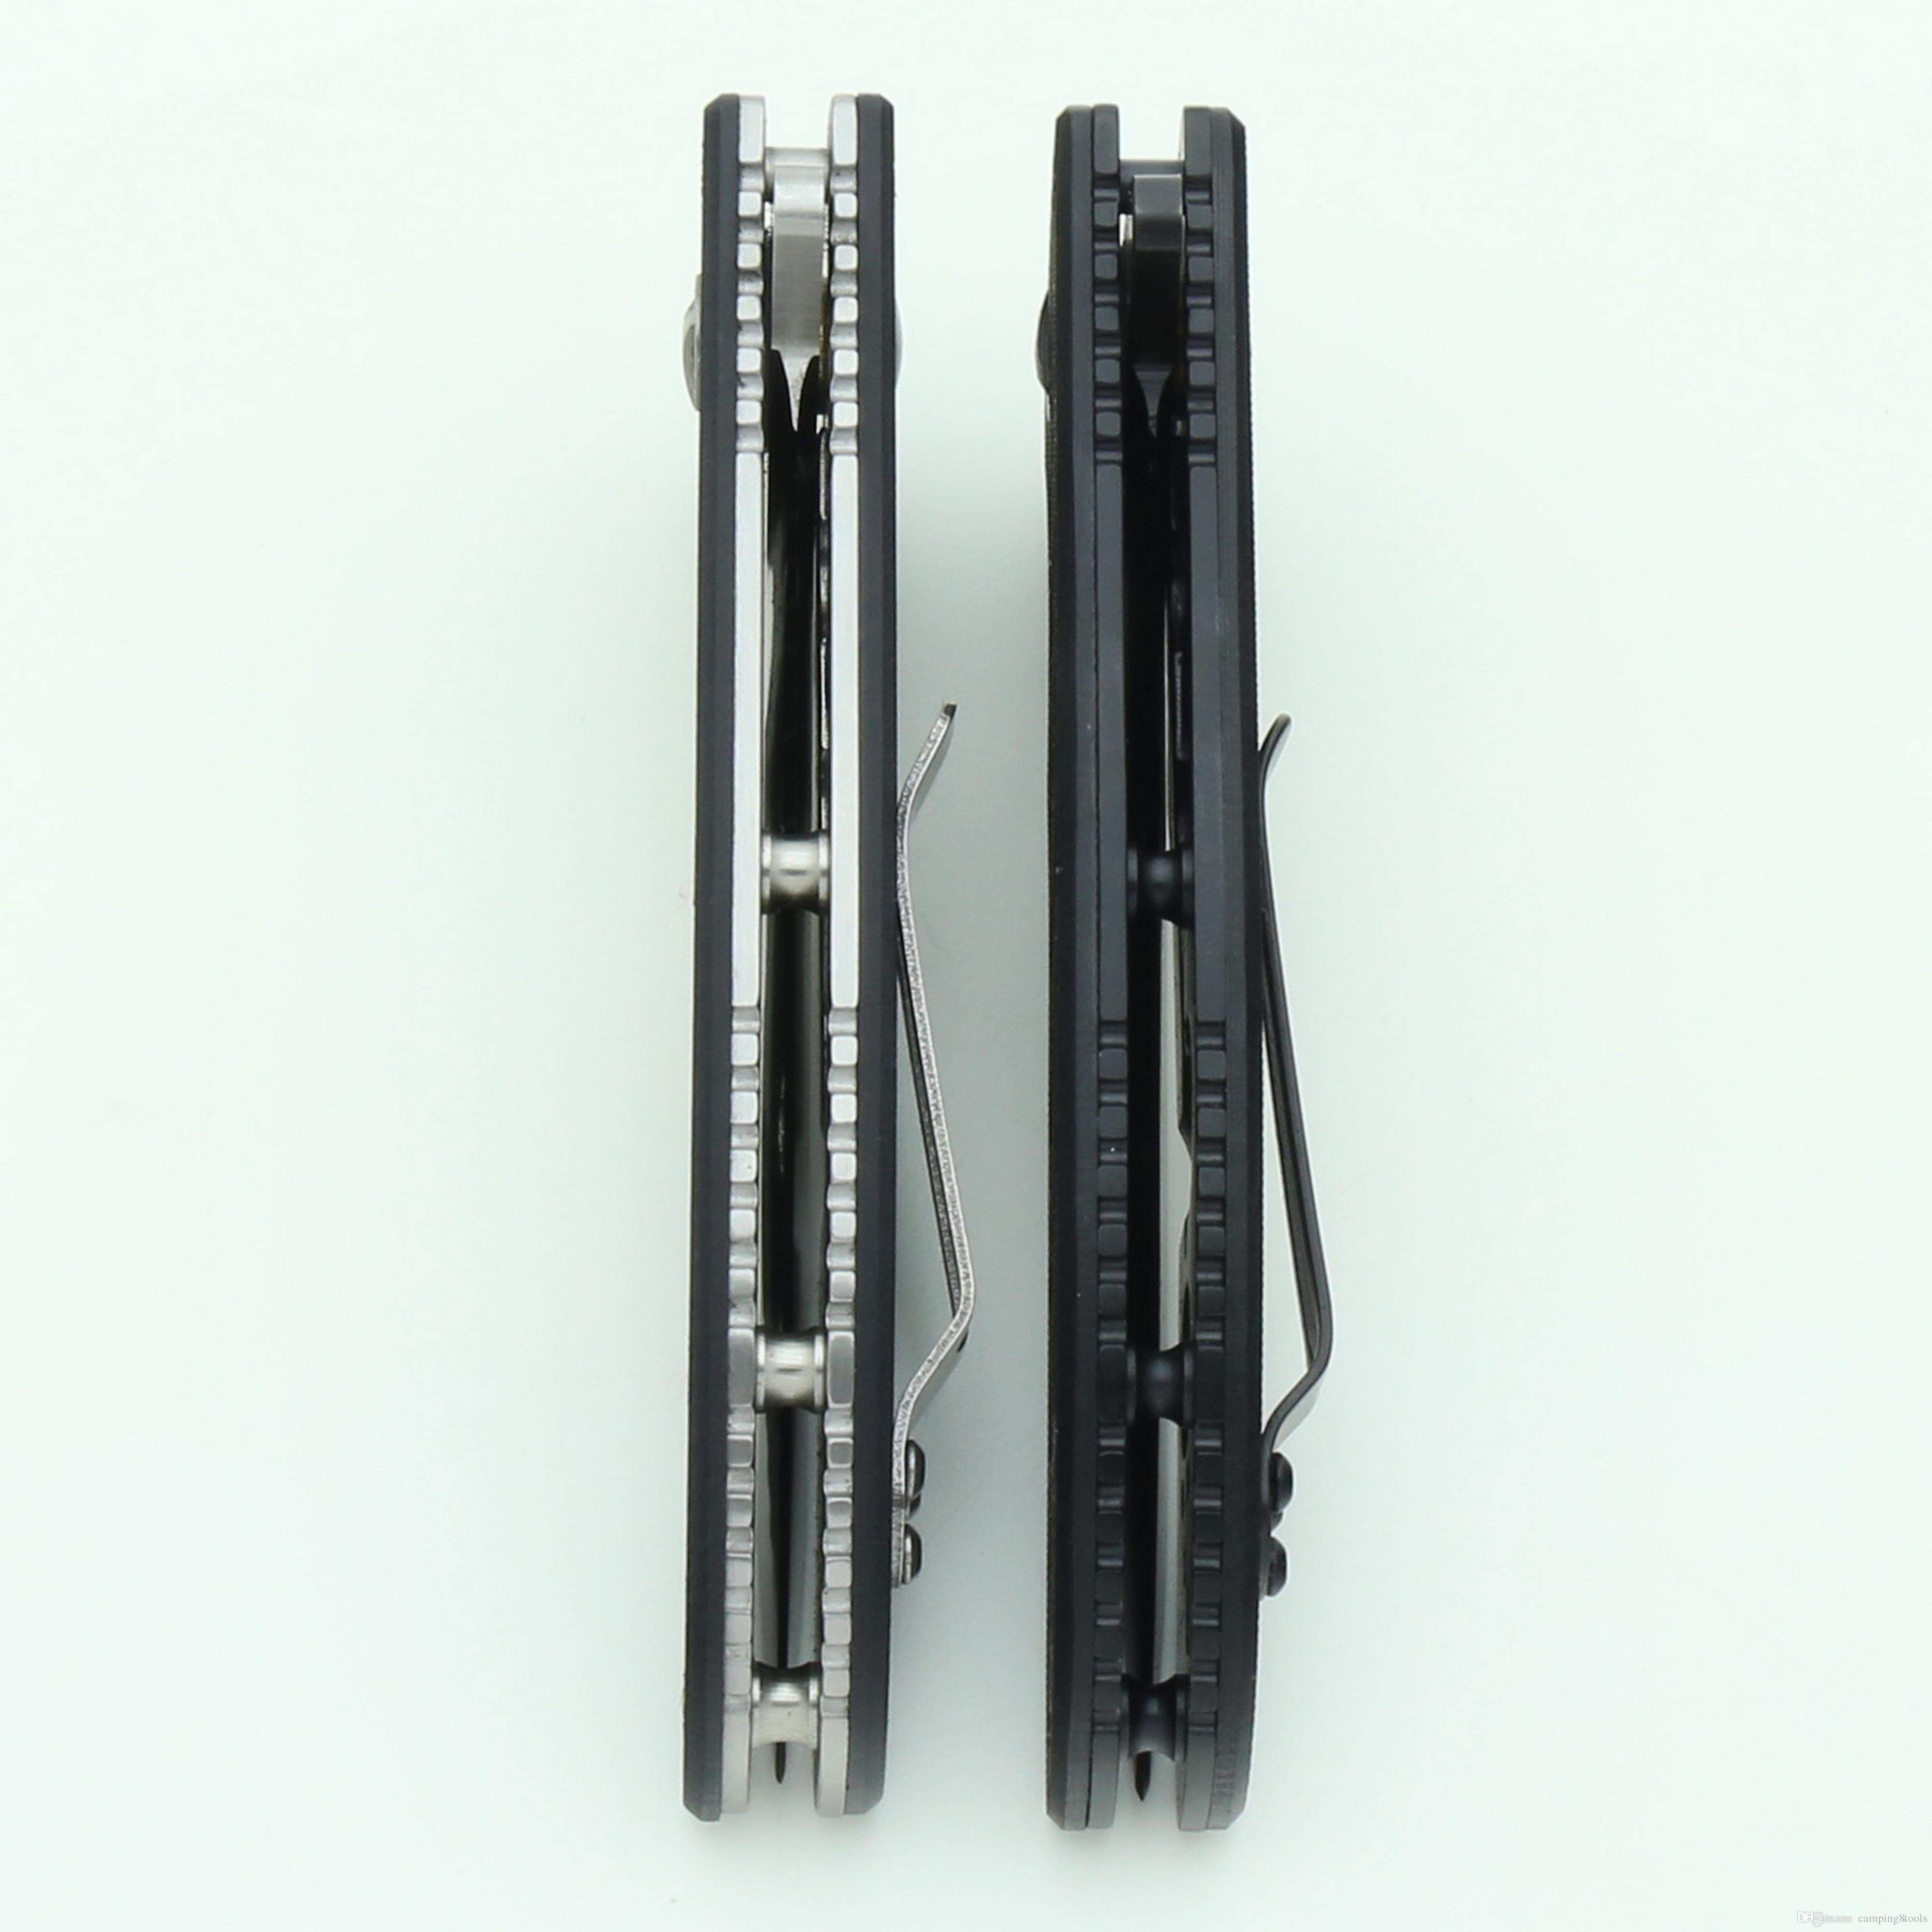 전쟁 늑대 톱니 접는 나이프 8Cr13Mov 블레이드 G10 핸들 야외 스포츠 캠핑 하이킹 사냥 전술 전투 선물 나이프 포켓 EDC 도구